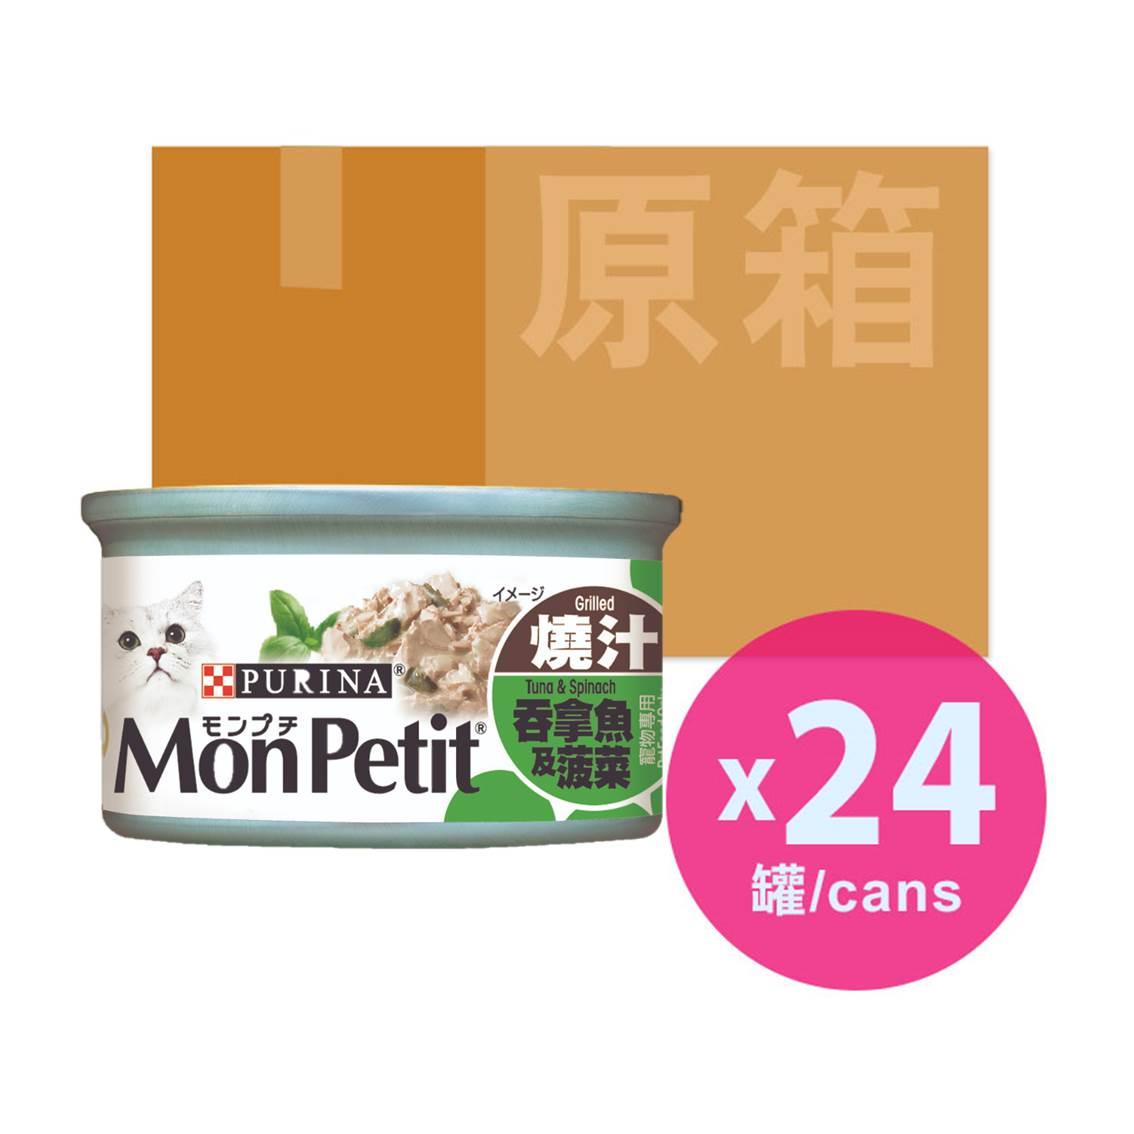 MON PETIT原箱至尊吞拿魚及菠菜 24X85G